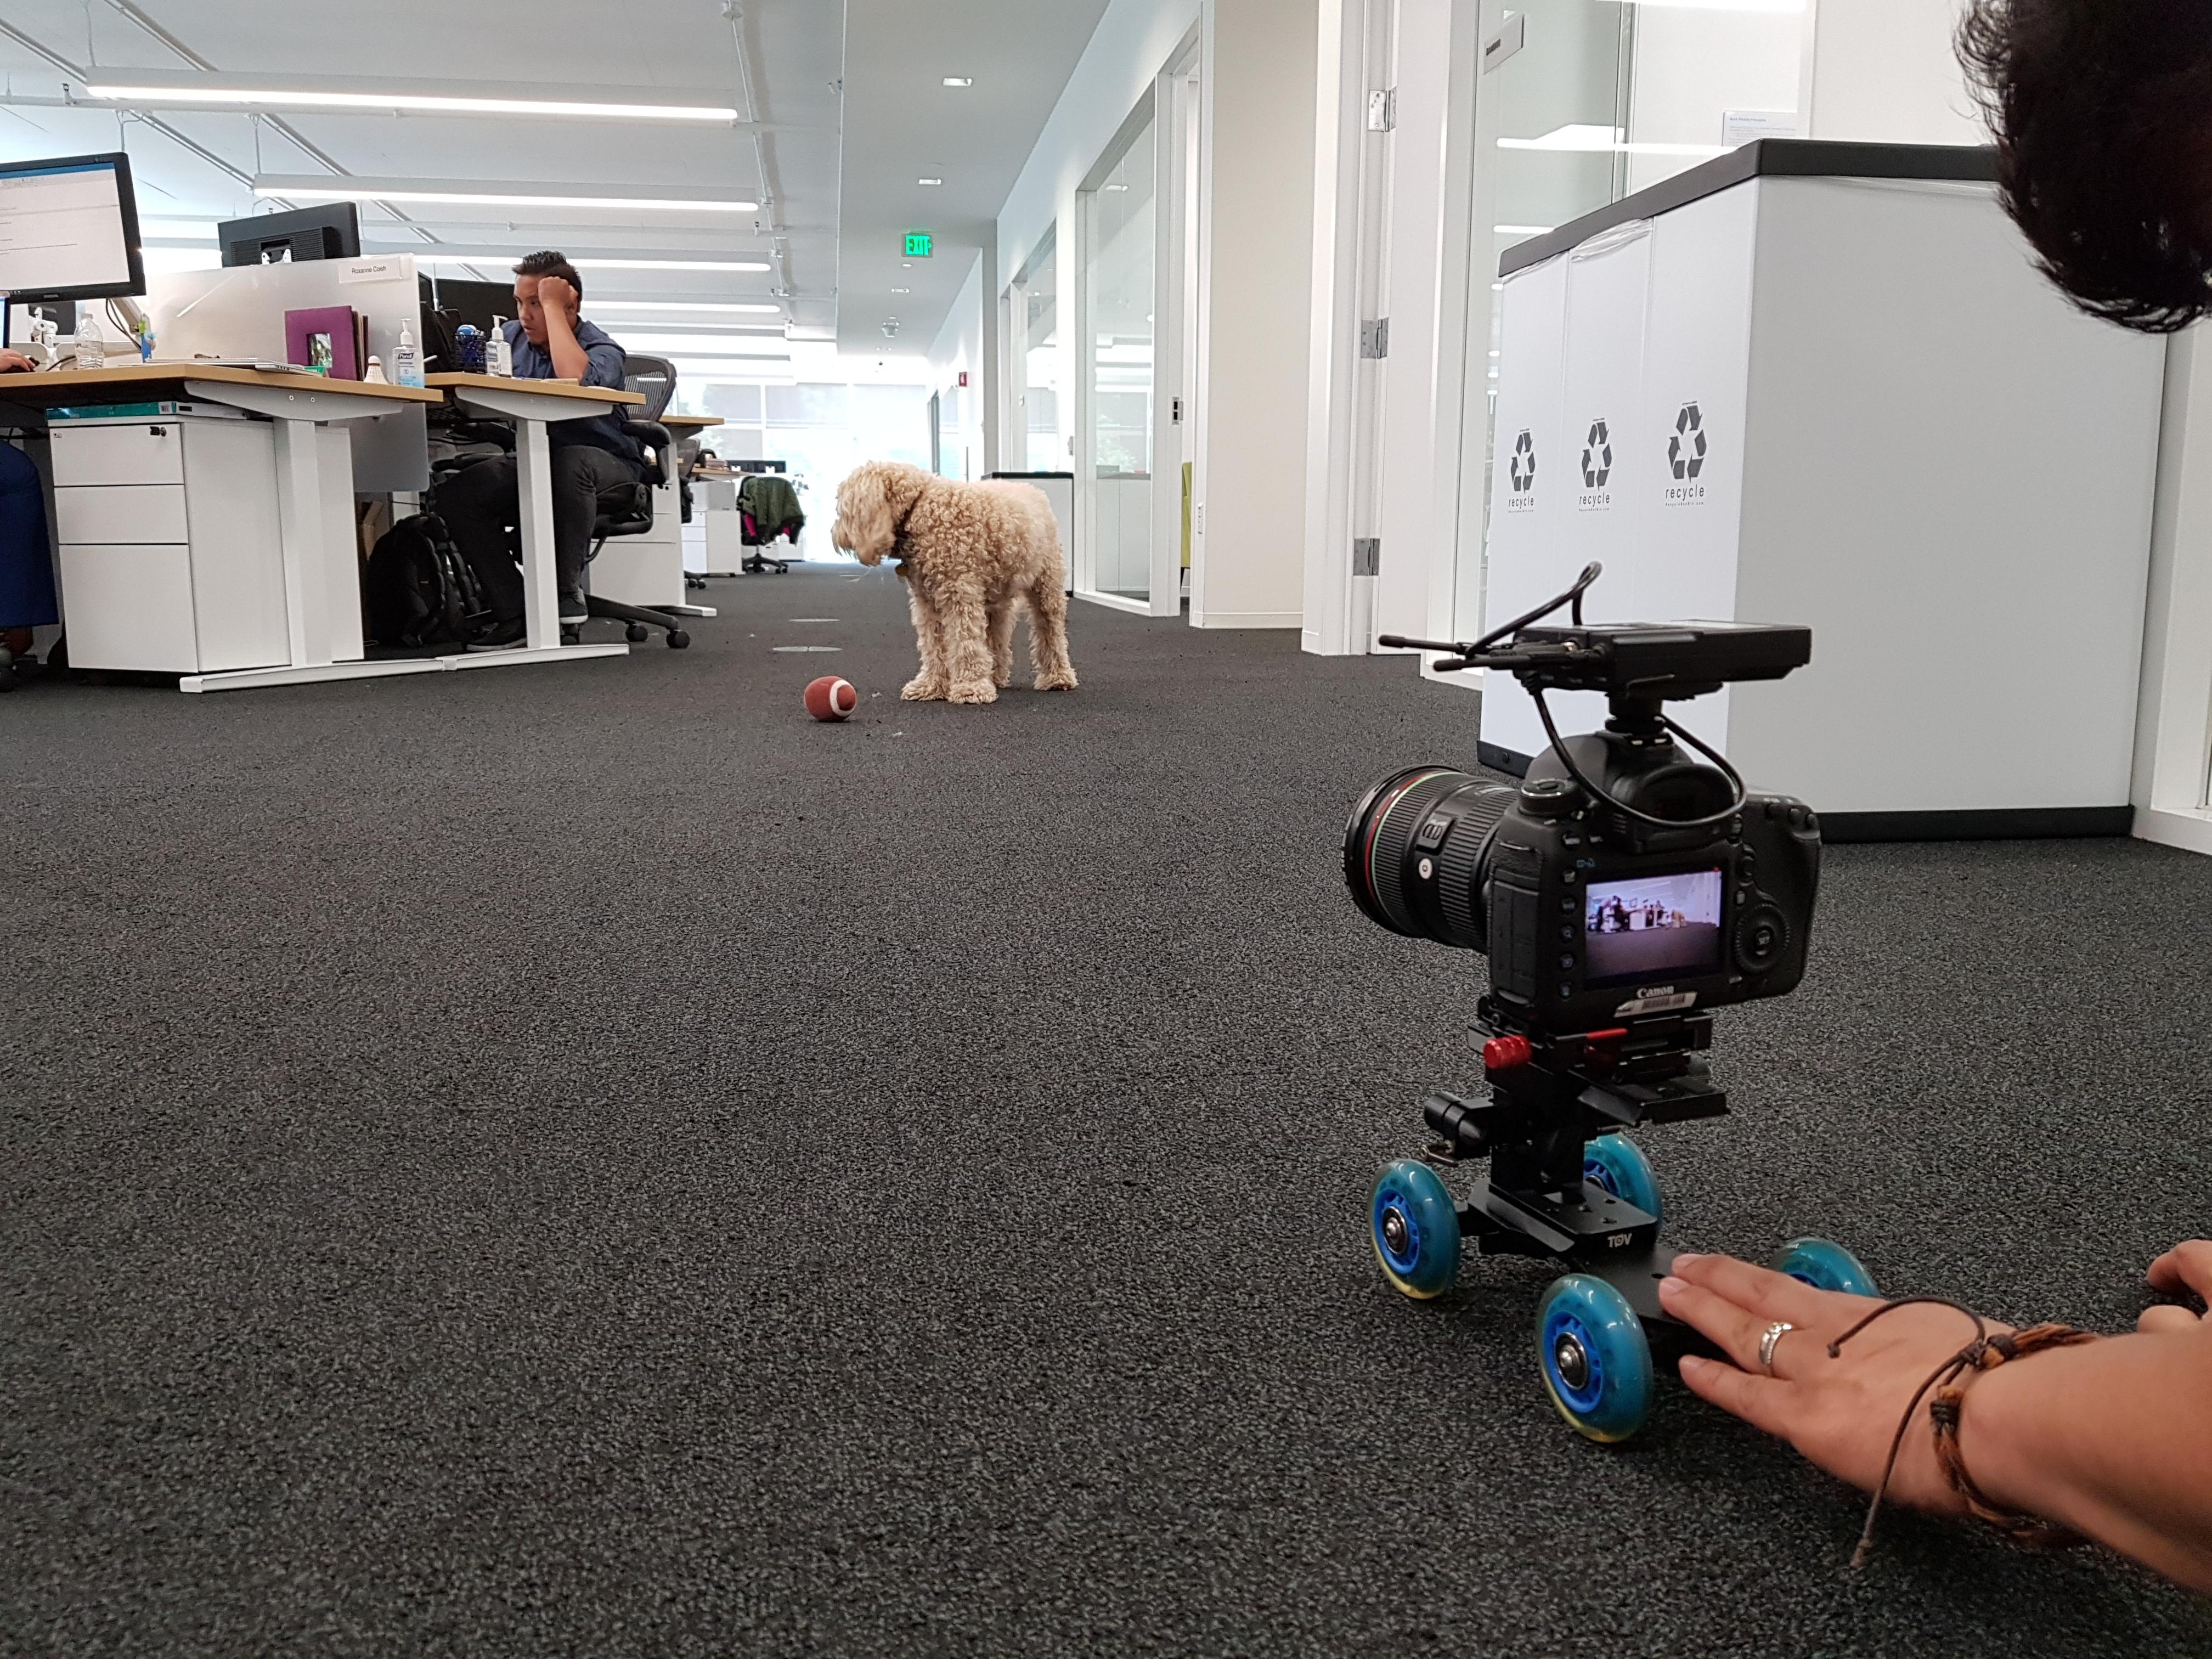 강아지 촬영 중 1